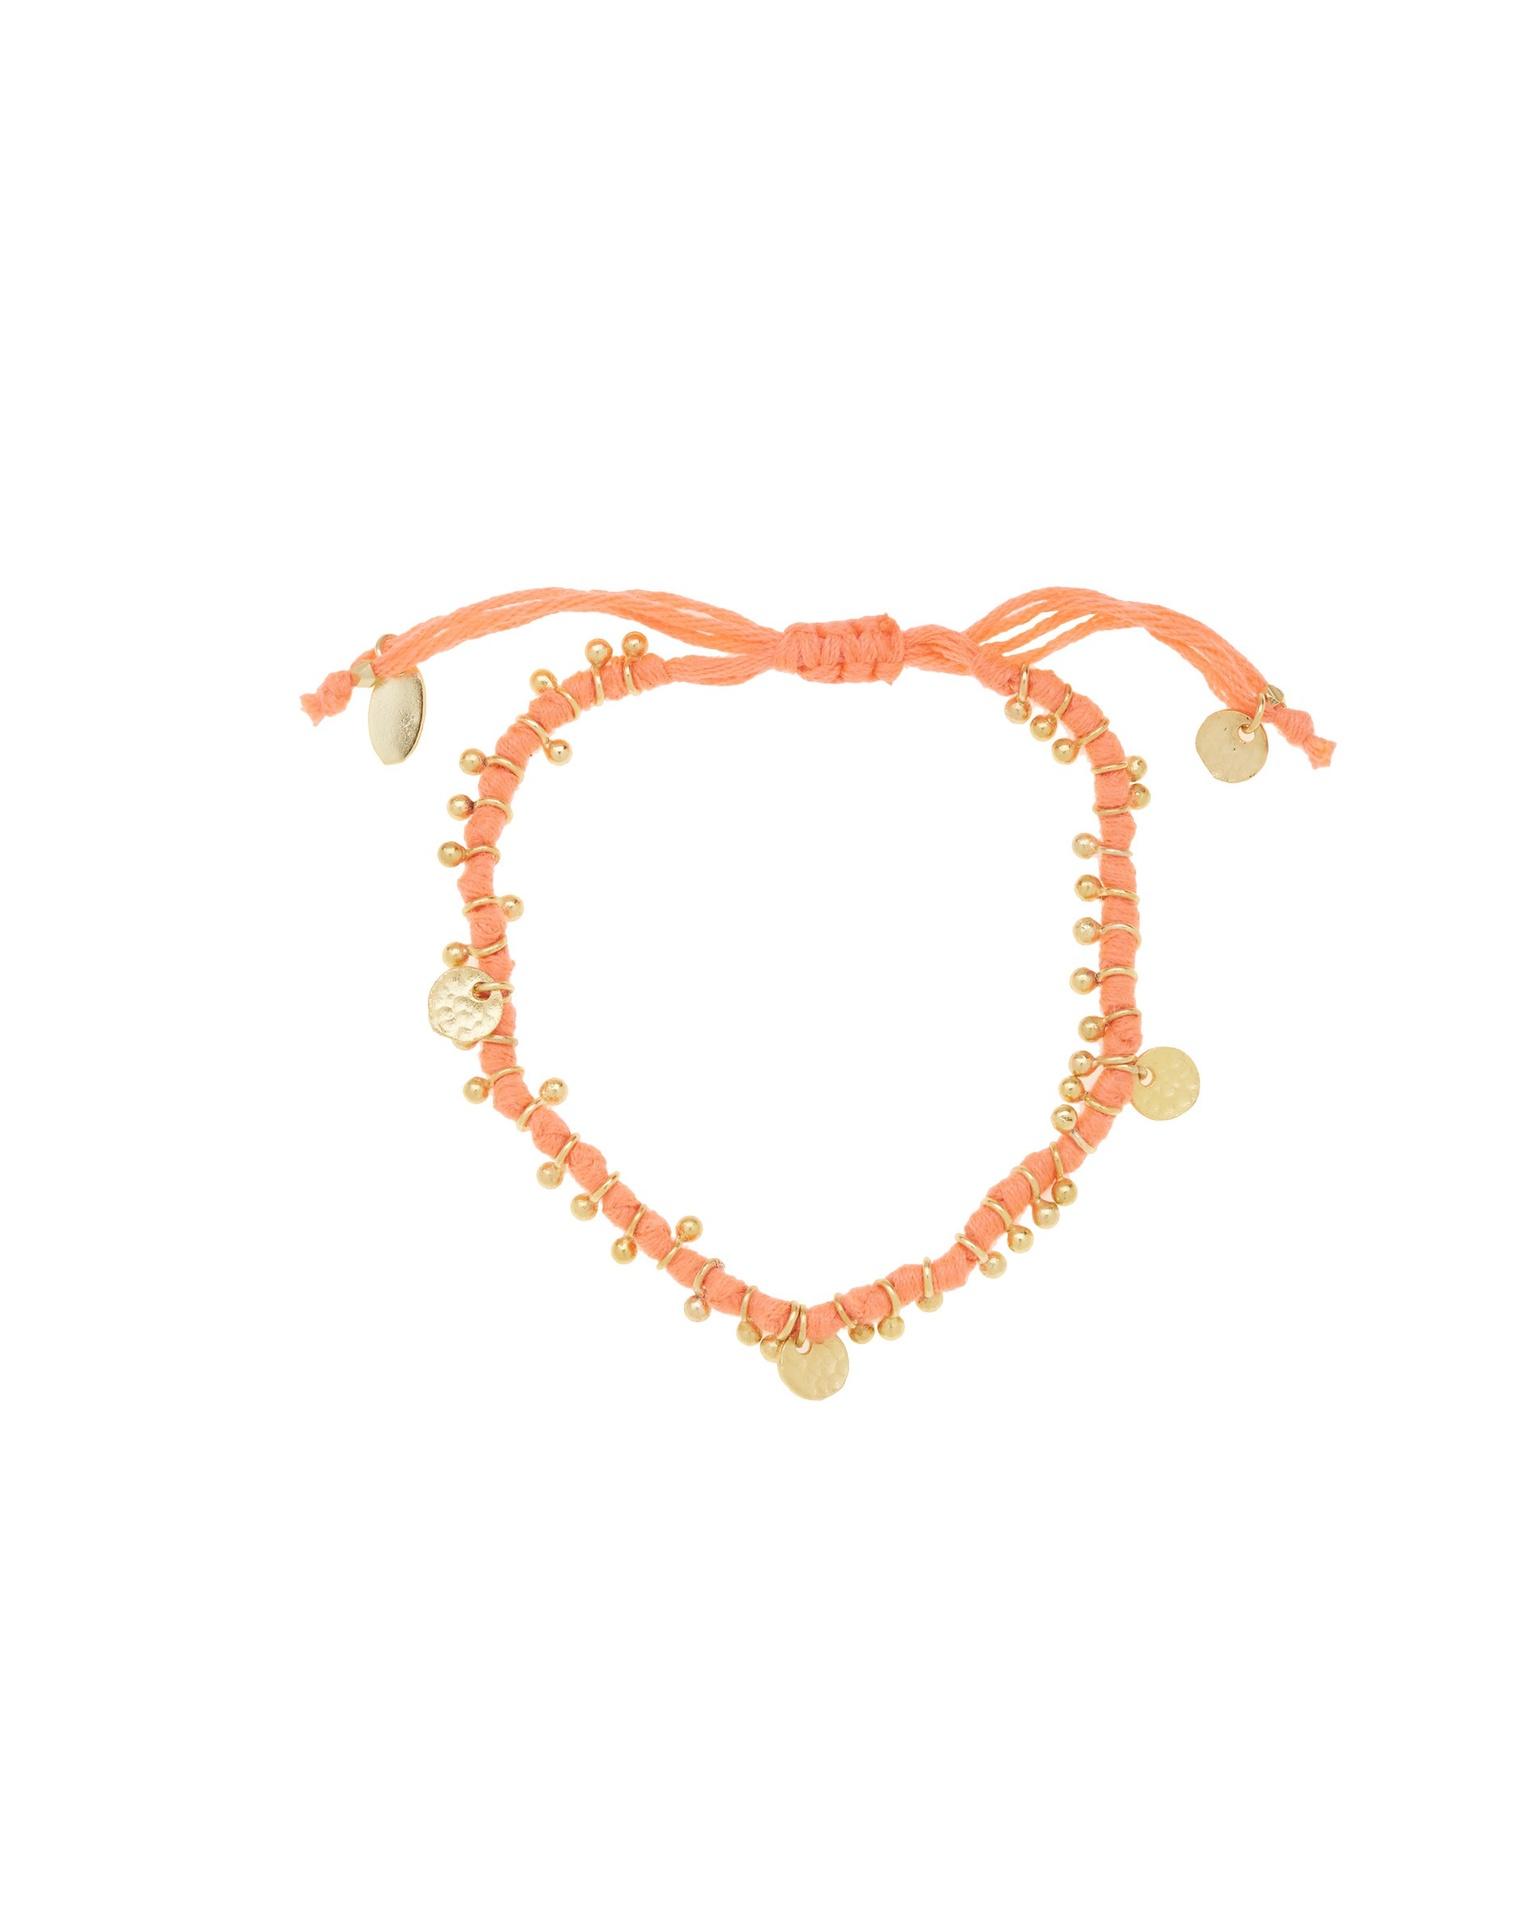 Adjustable Knotted Cotton Bracelet by Ashiana London